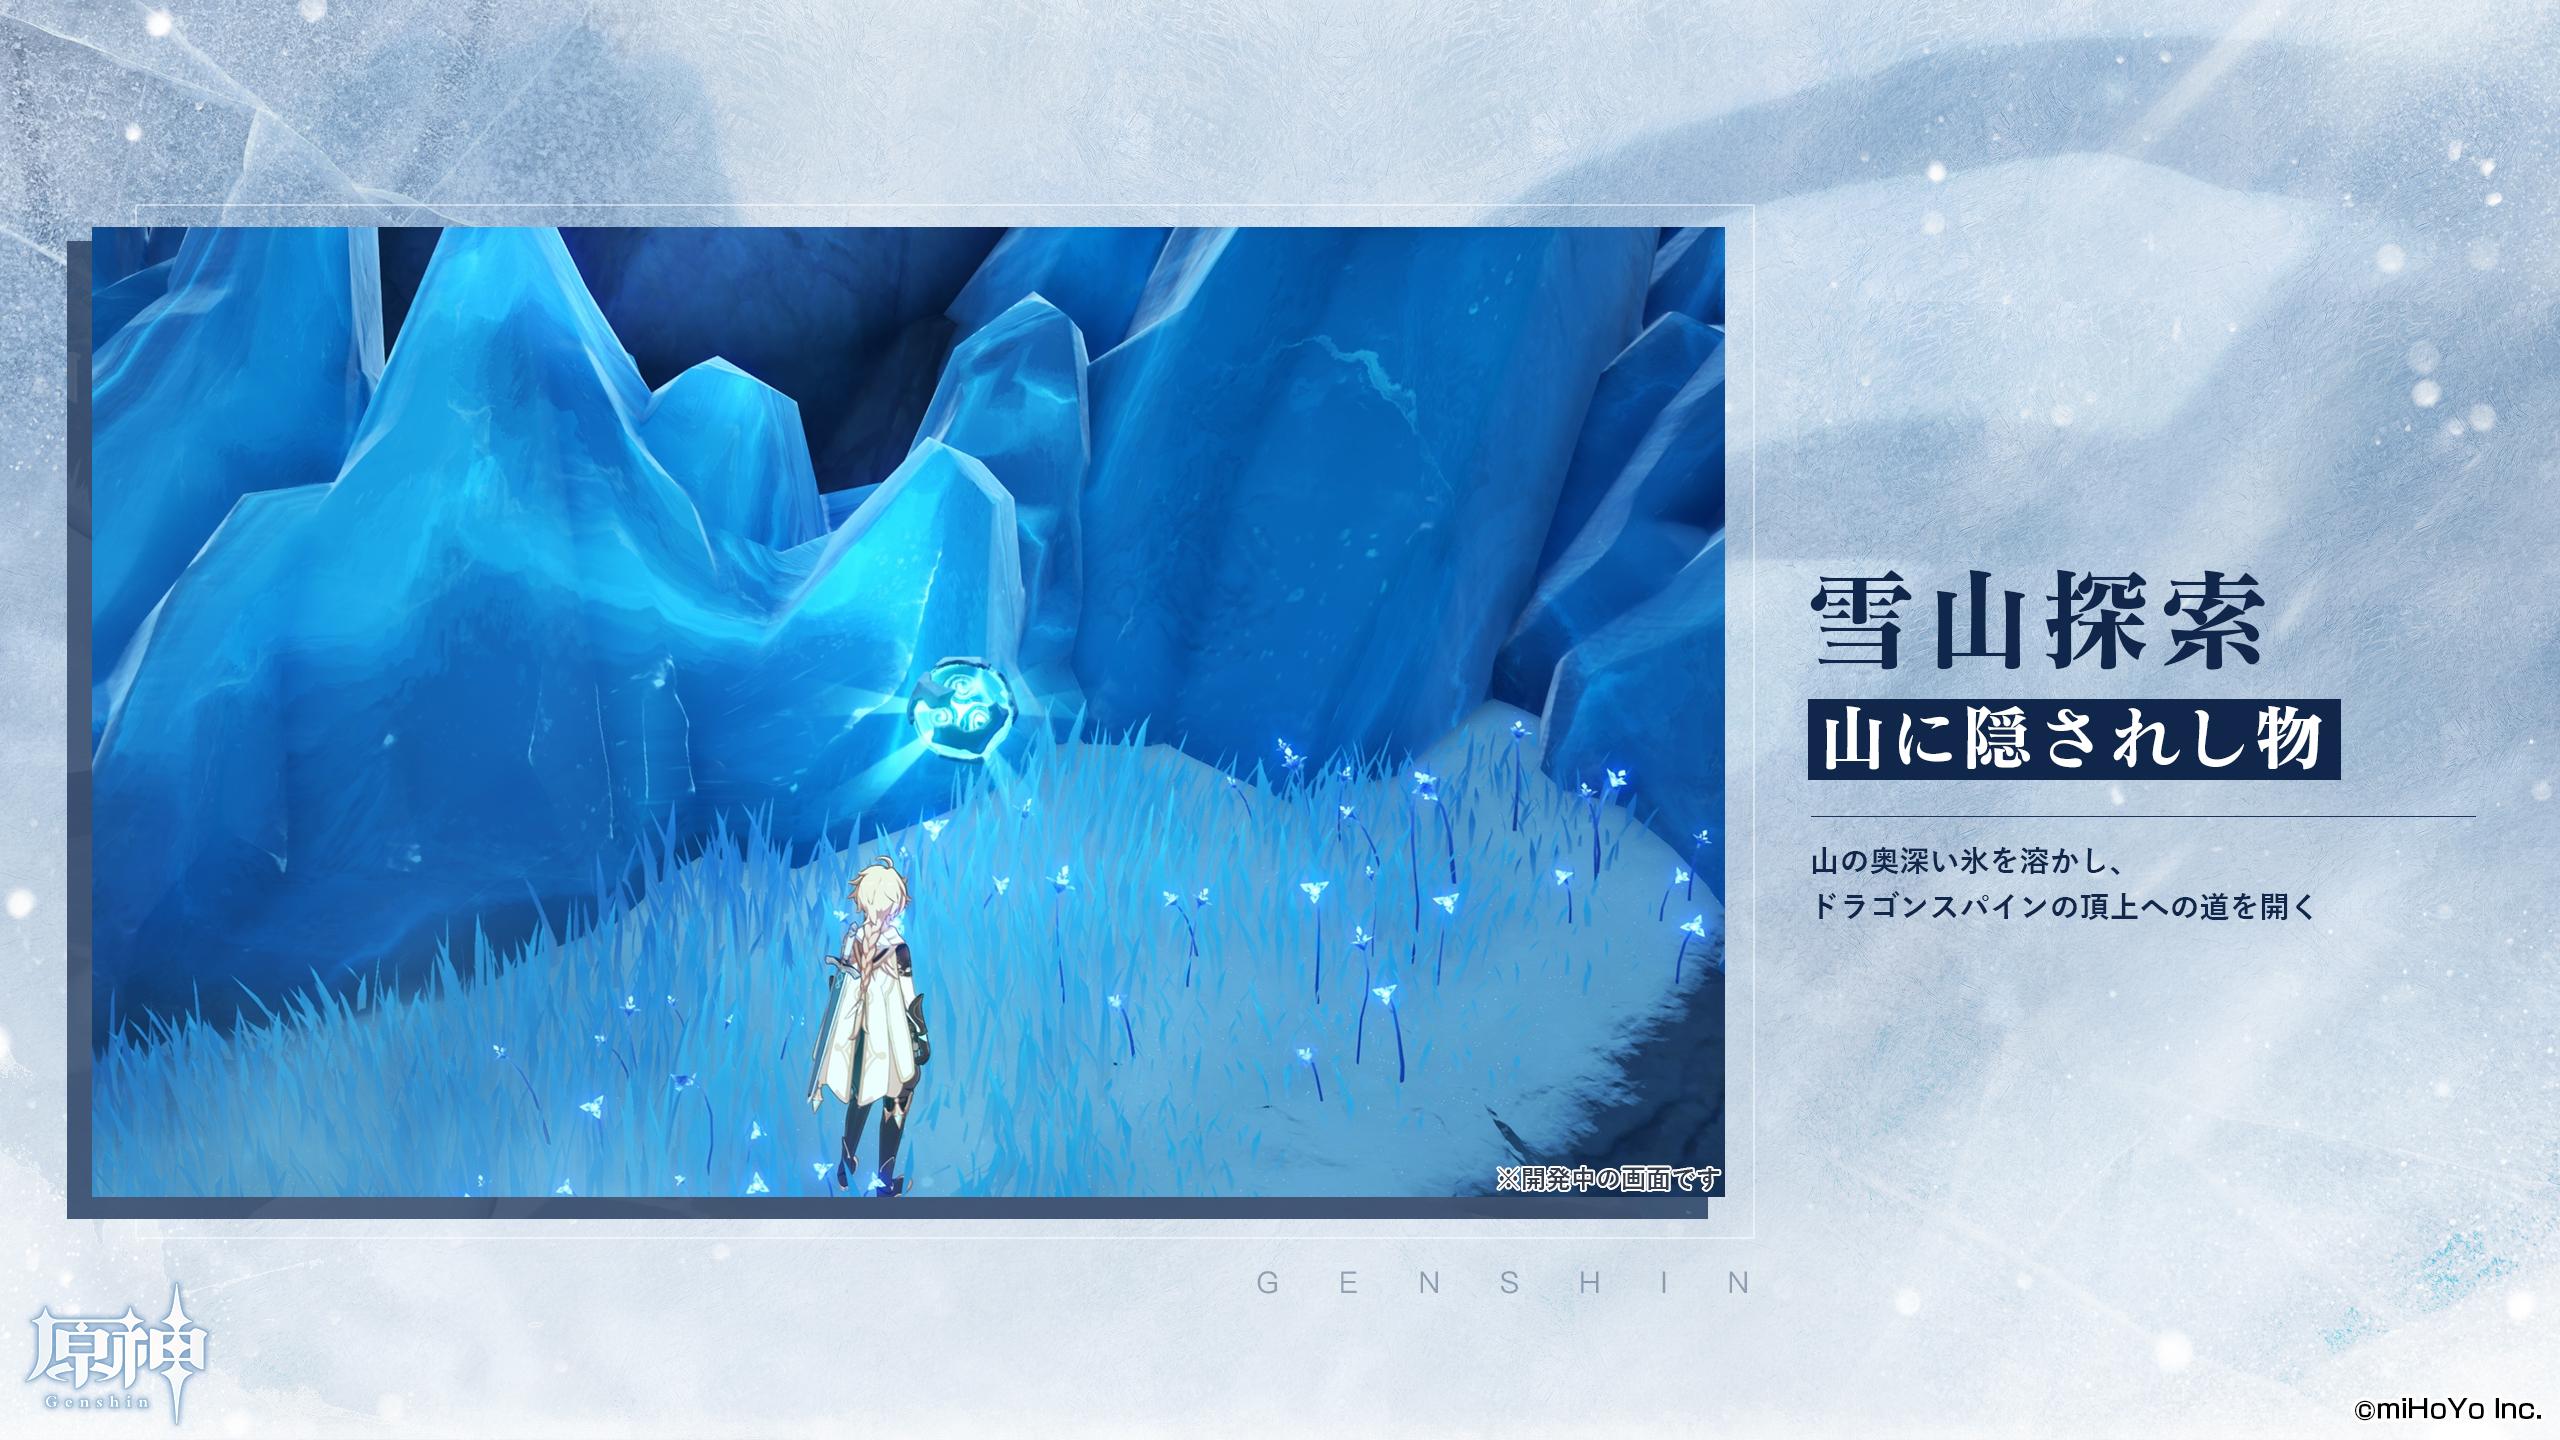 【原神】新システム「雪山探索」